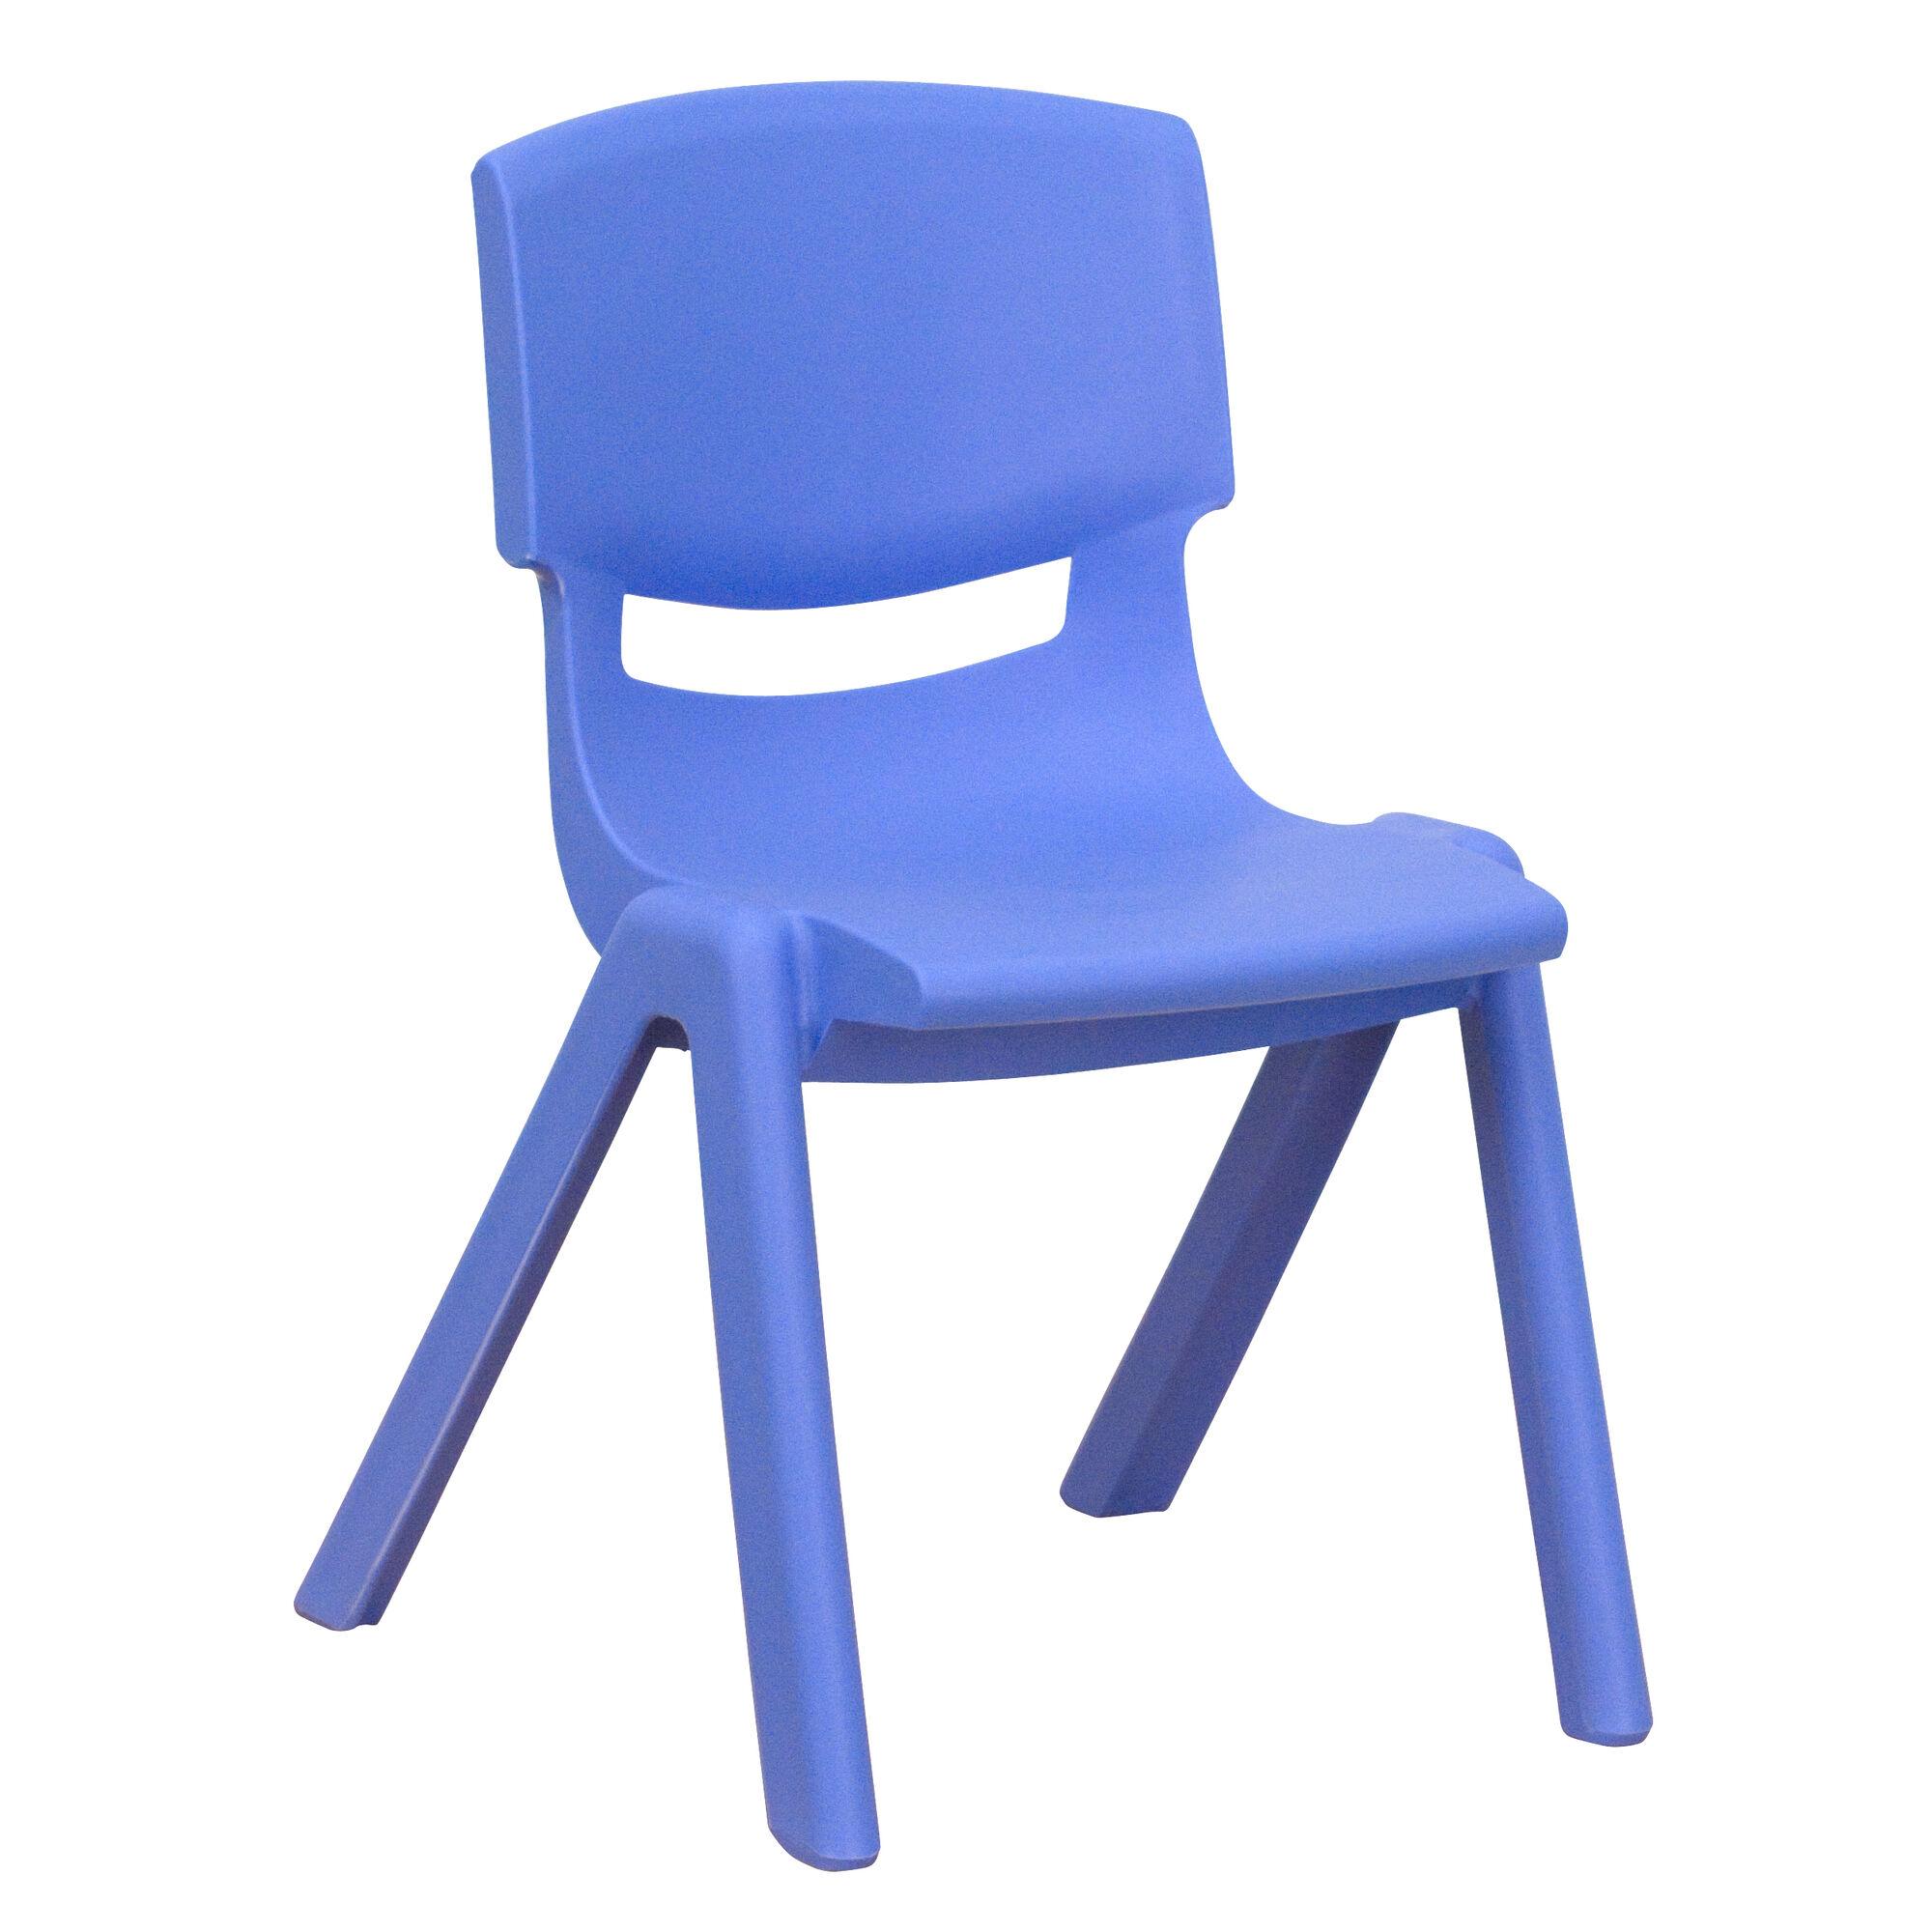 Stack Chairs School Preschool   Bizchair.com